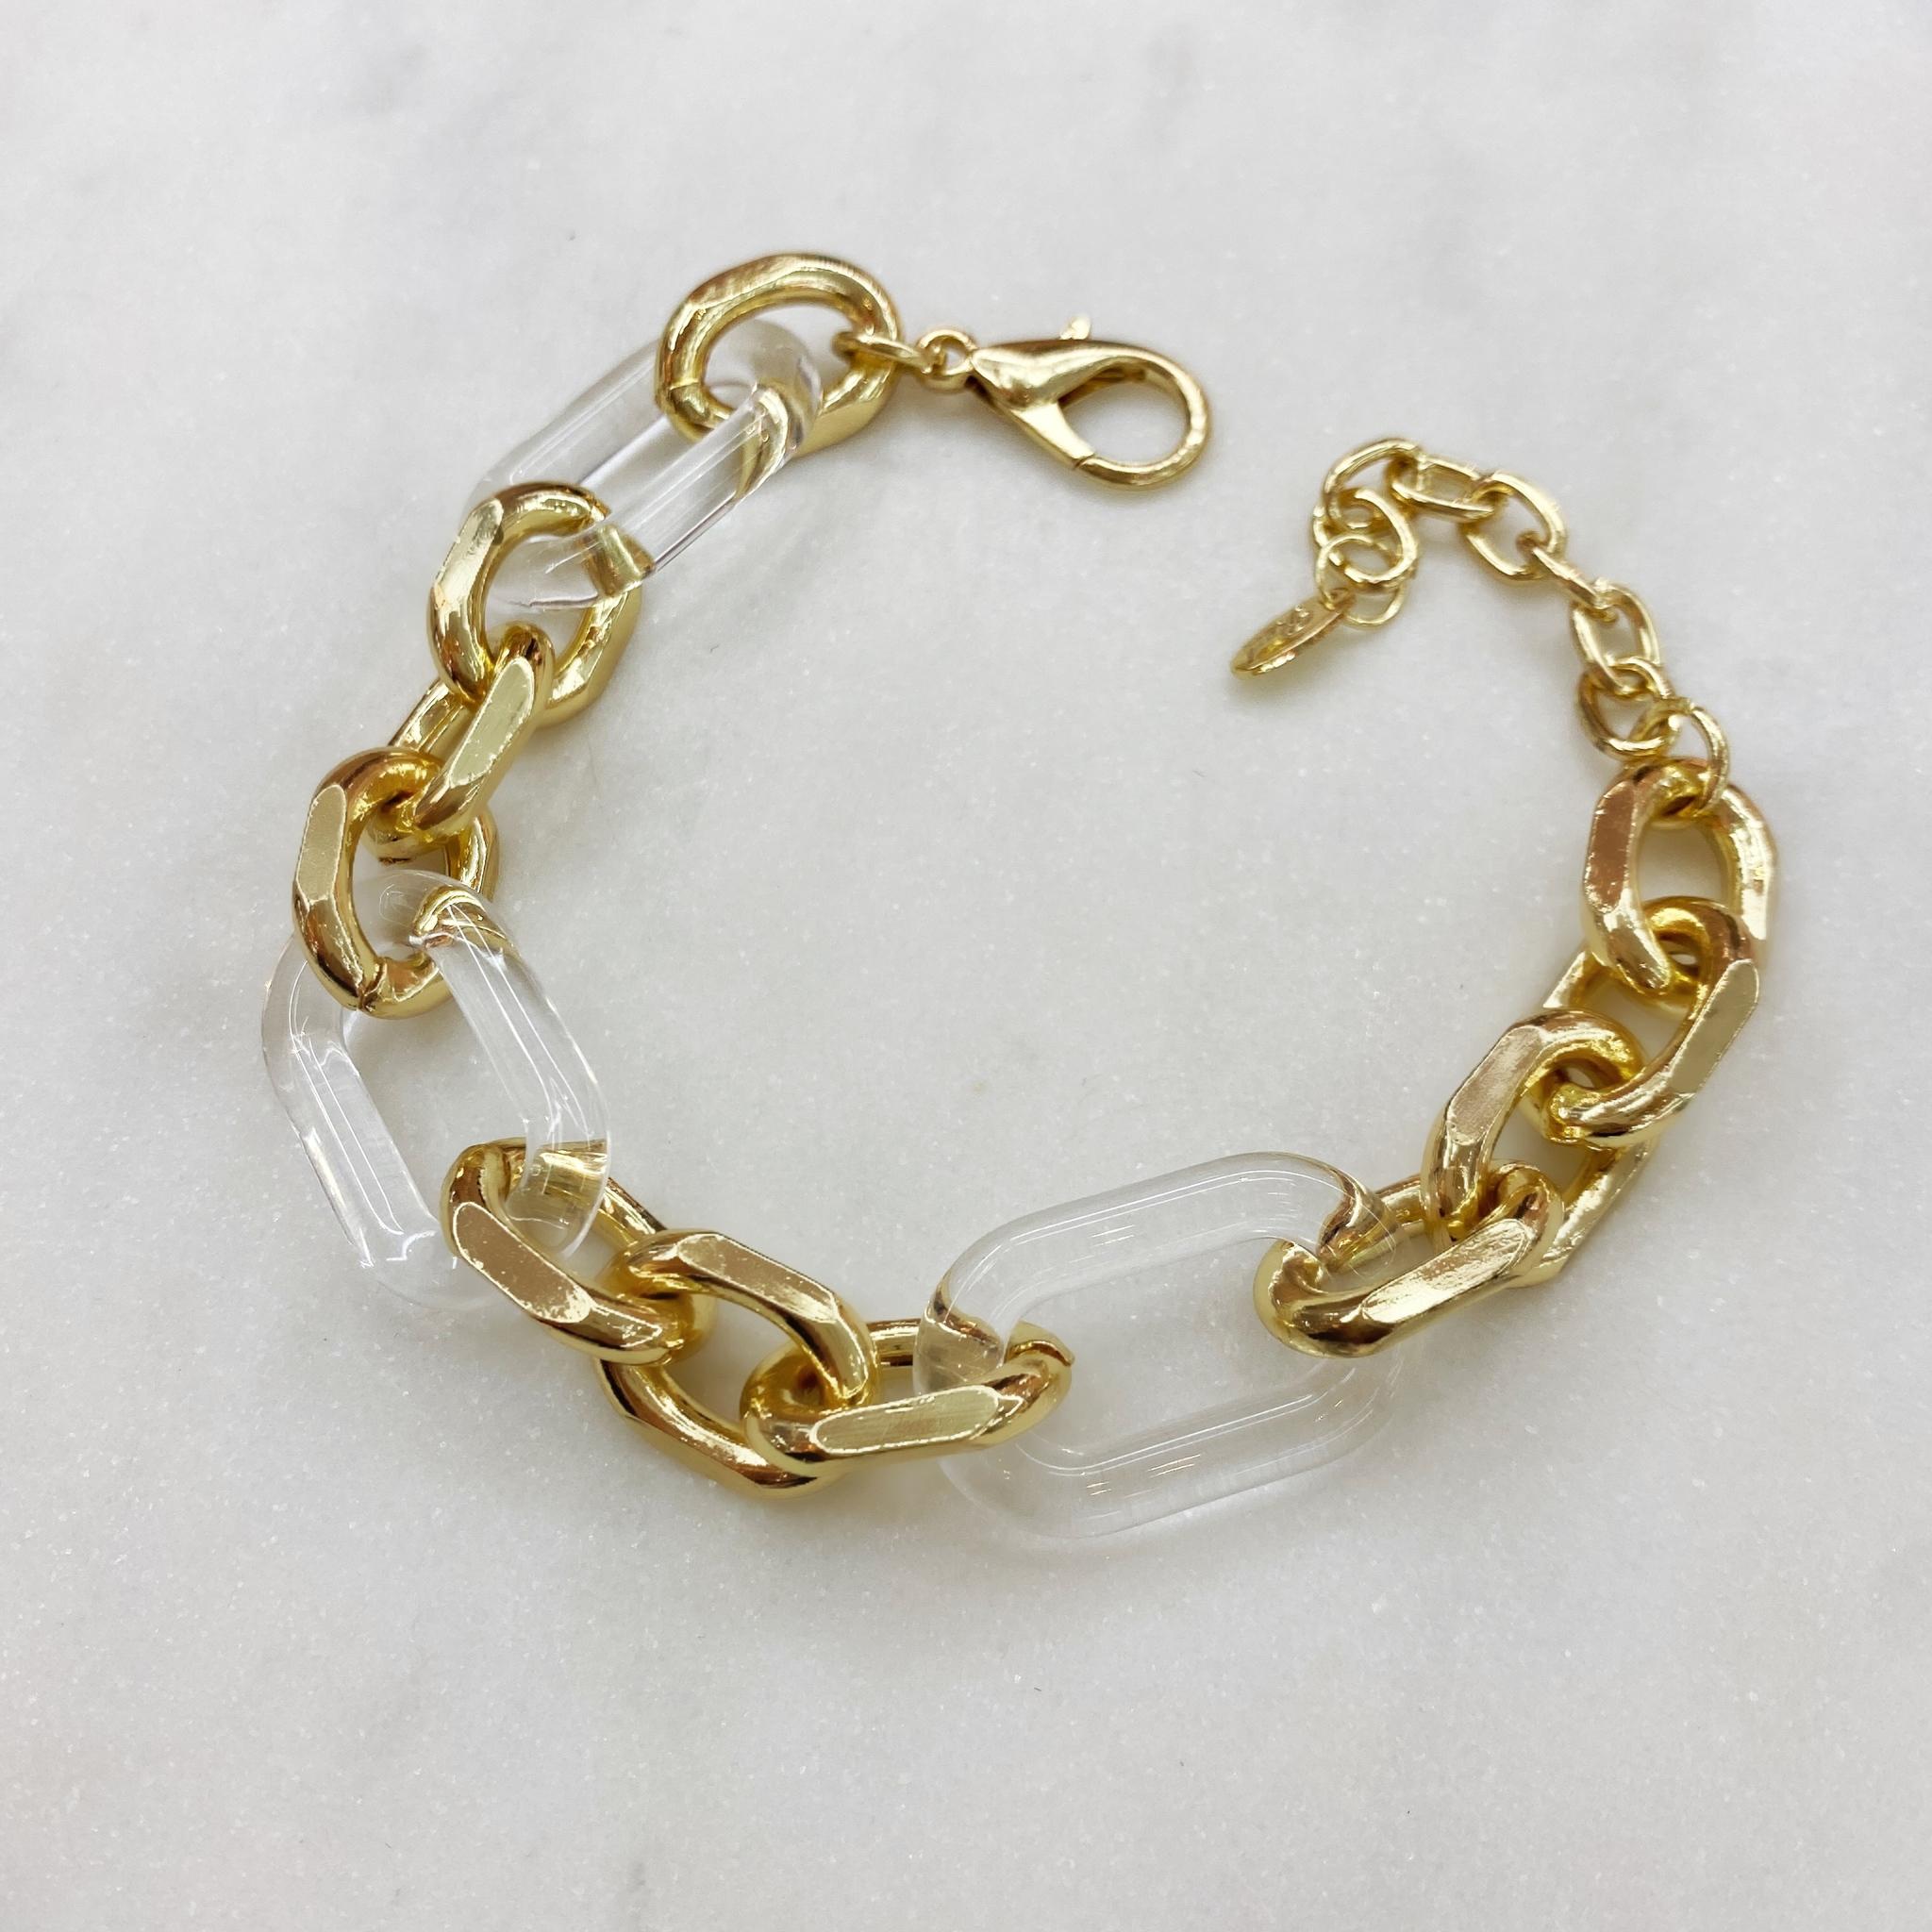 Браслет-цепь с комбинированными звеньями (золотистый, прозрачный)